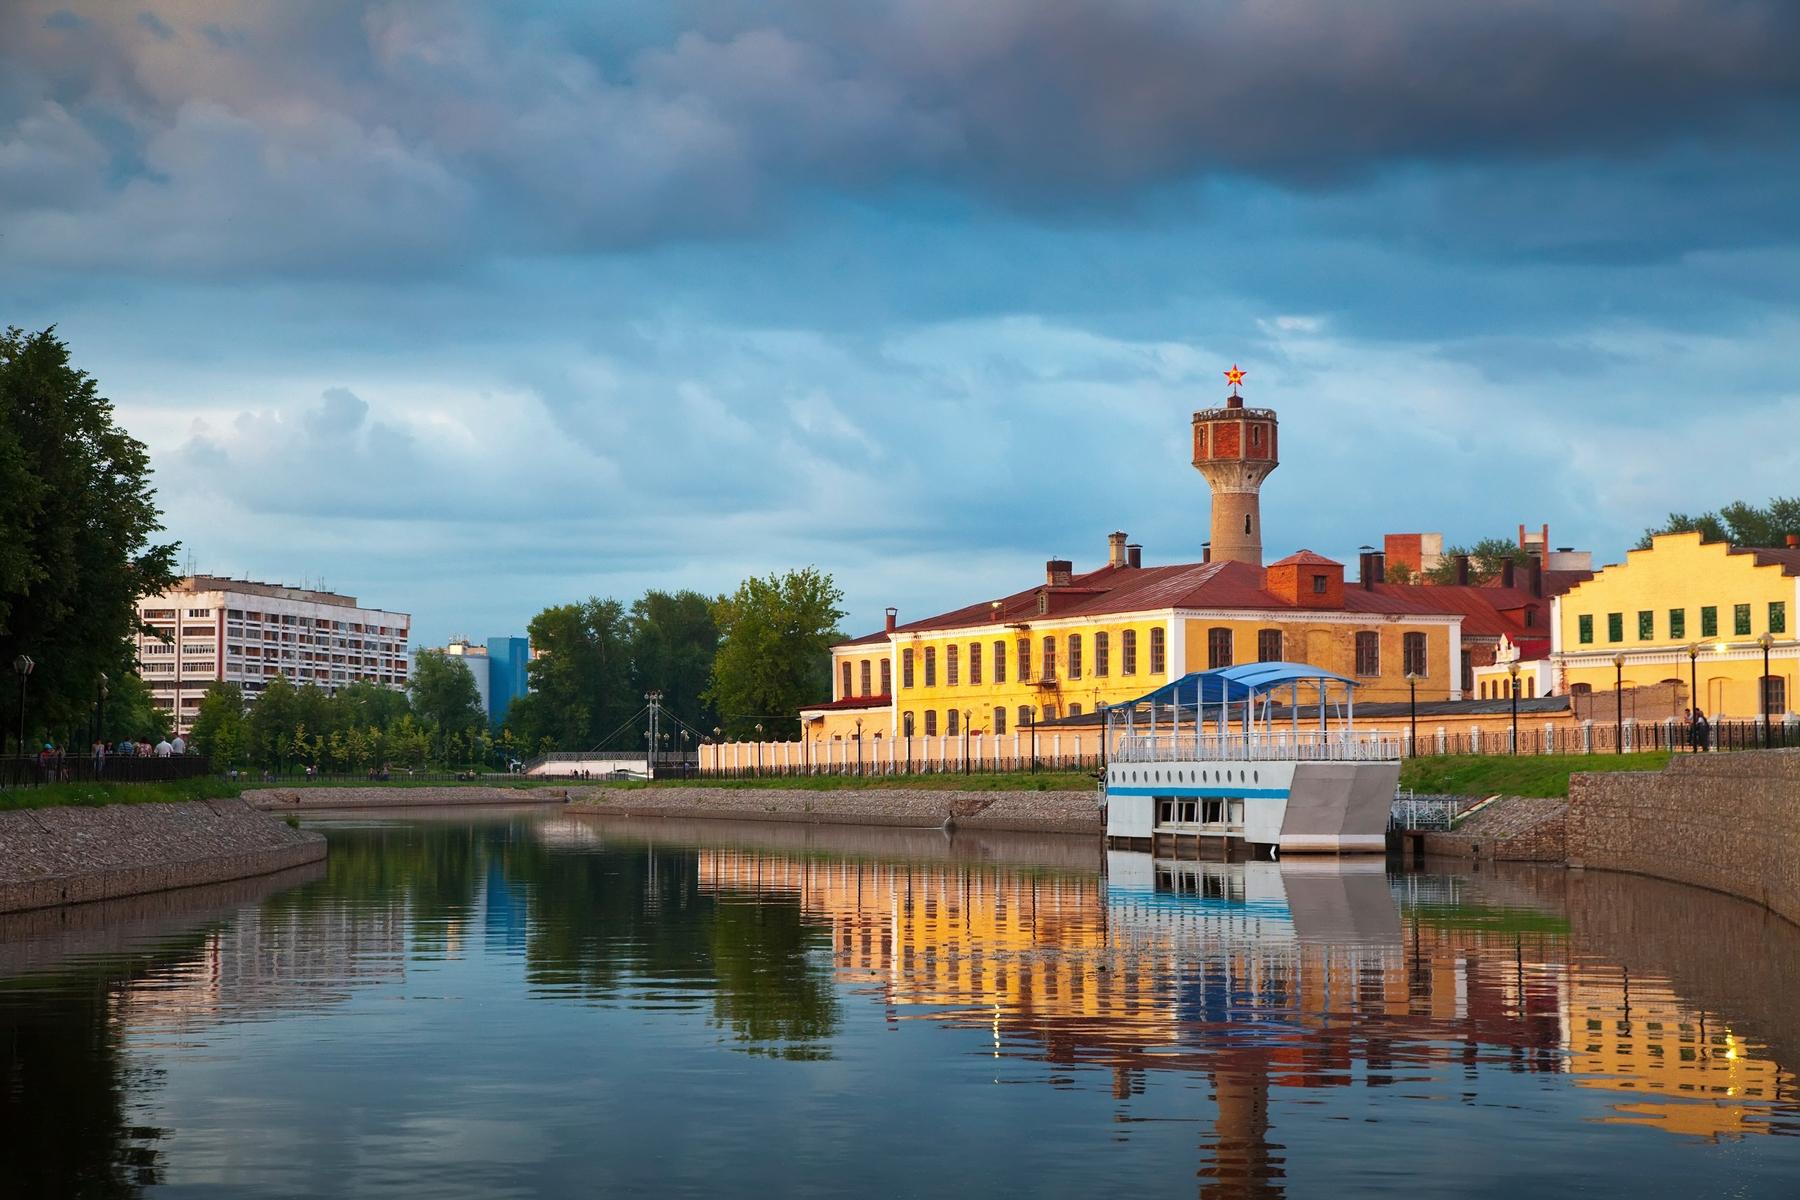 Водонапорная башня в Иваново и красивый пейзаж возле нее